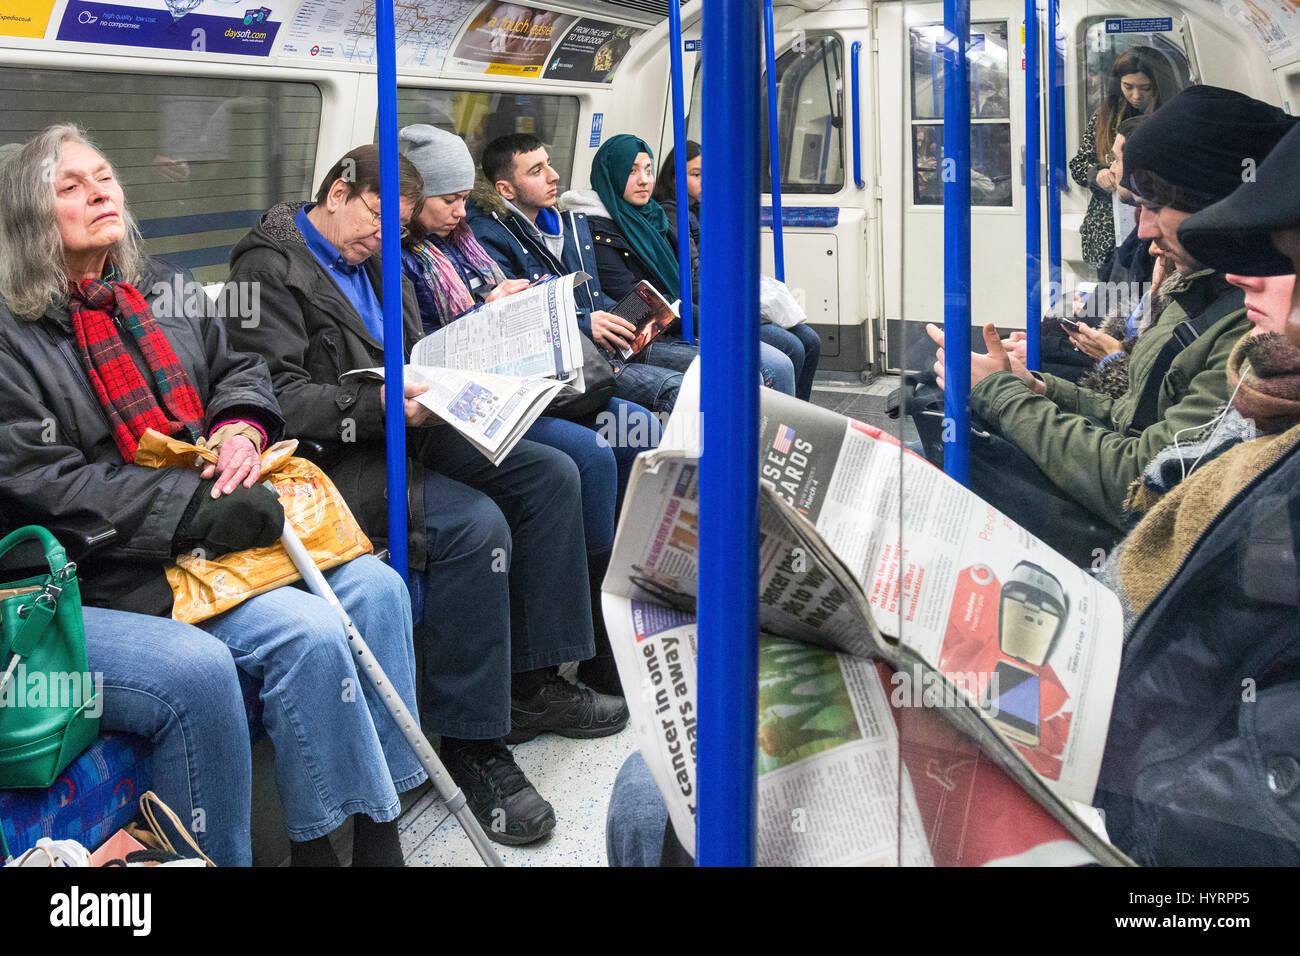 Passengers on London Underground Tube system, England, UK - Stock Image